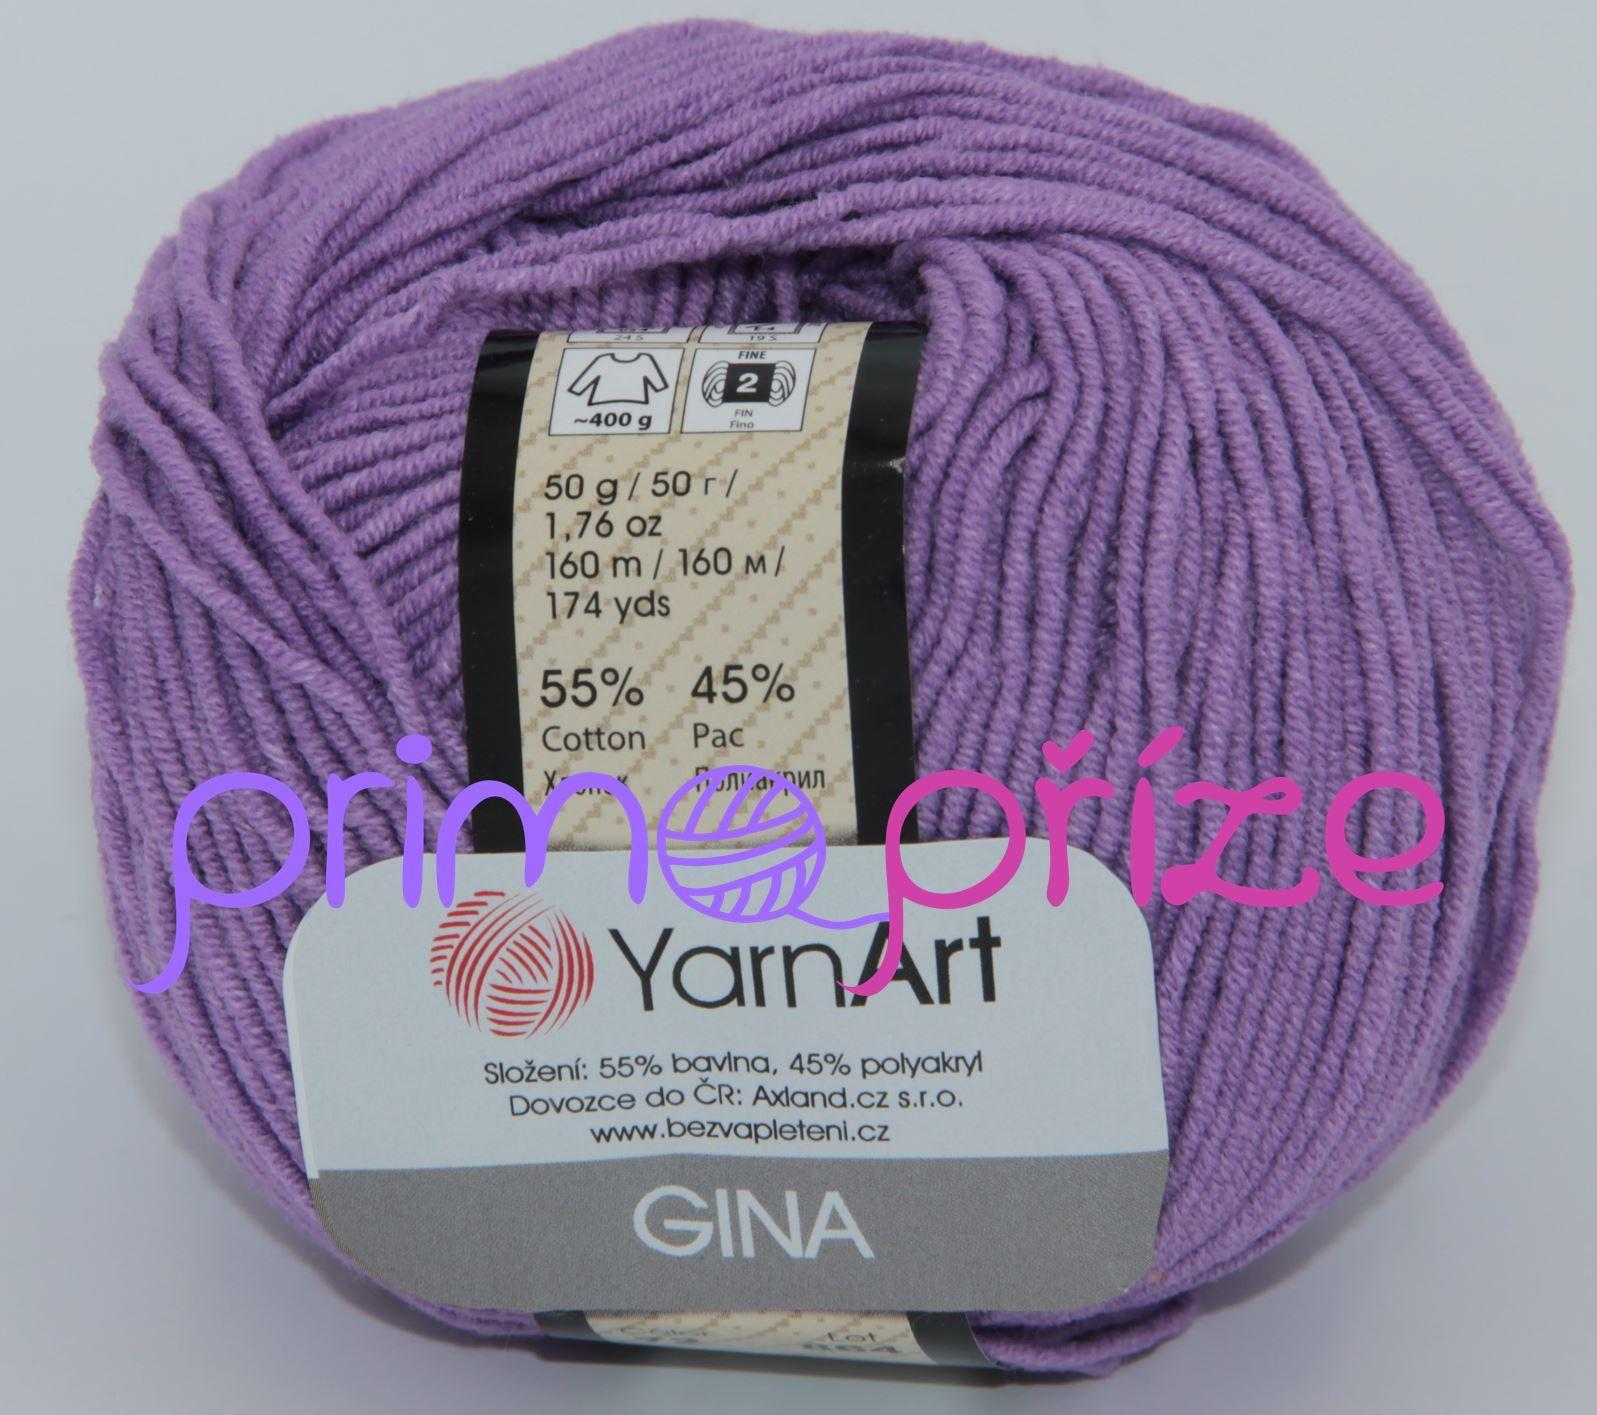 YarnArt Jeans/Gina 72 fialová